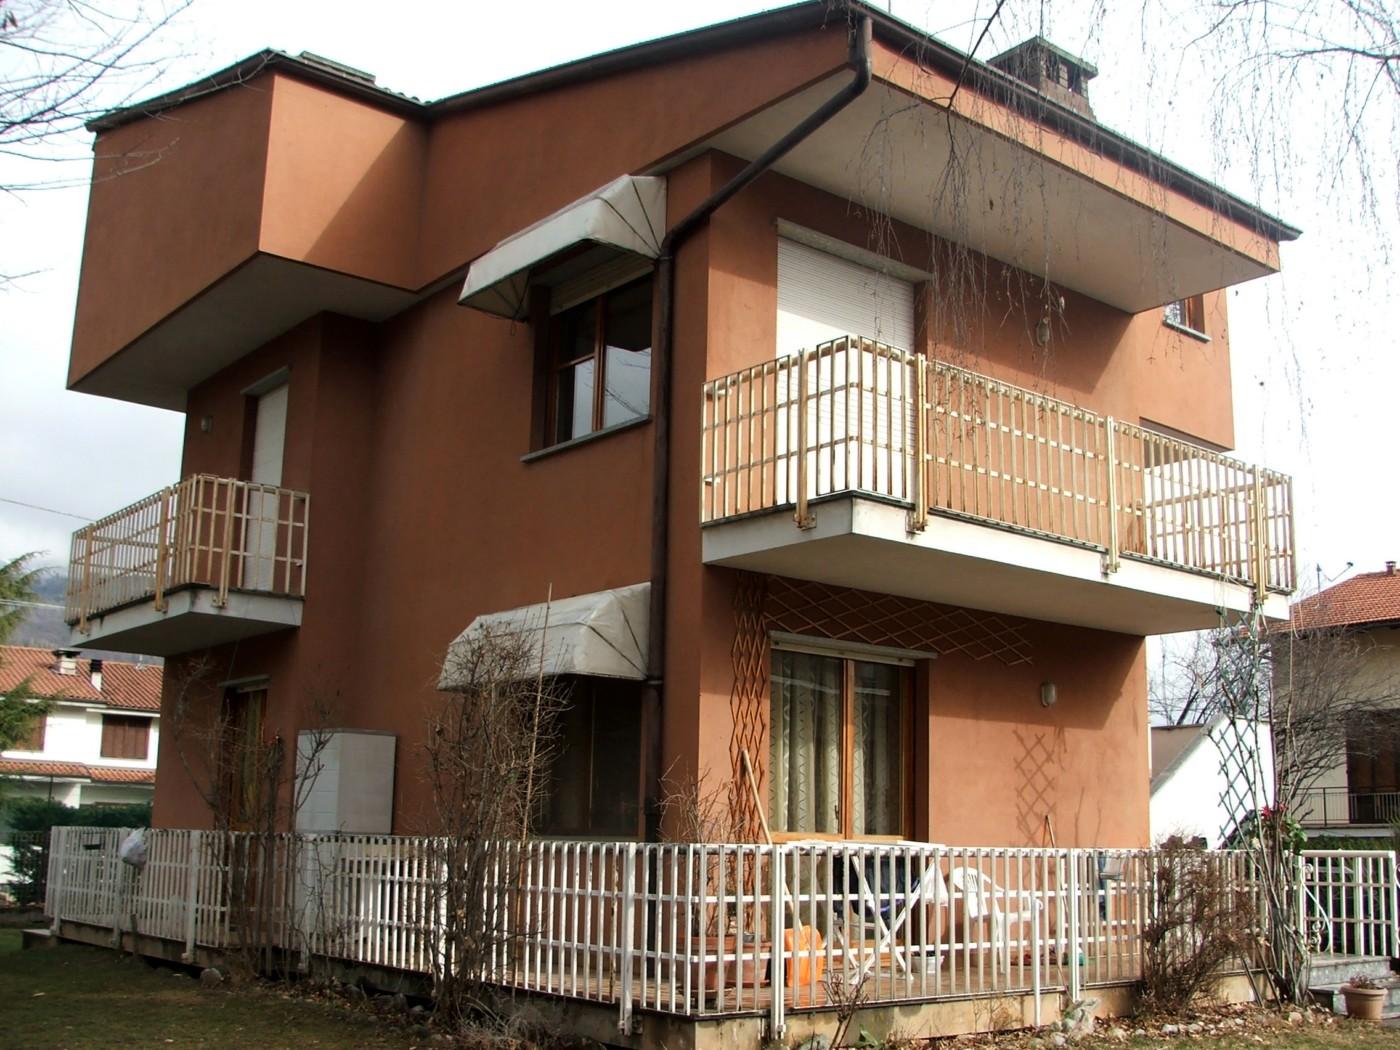 Appartamento in vendita a Dronero, 4 locali, zona i, prezzo € 110.000 | PortaleAgenzieImmobiliari.it